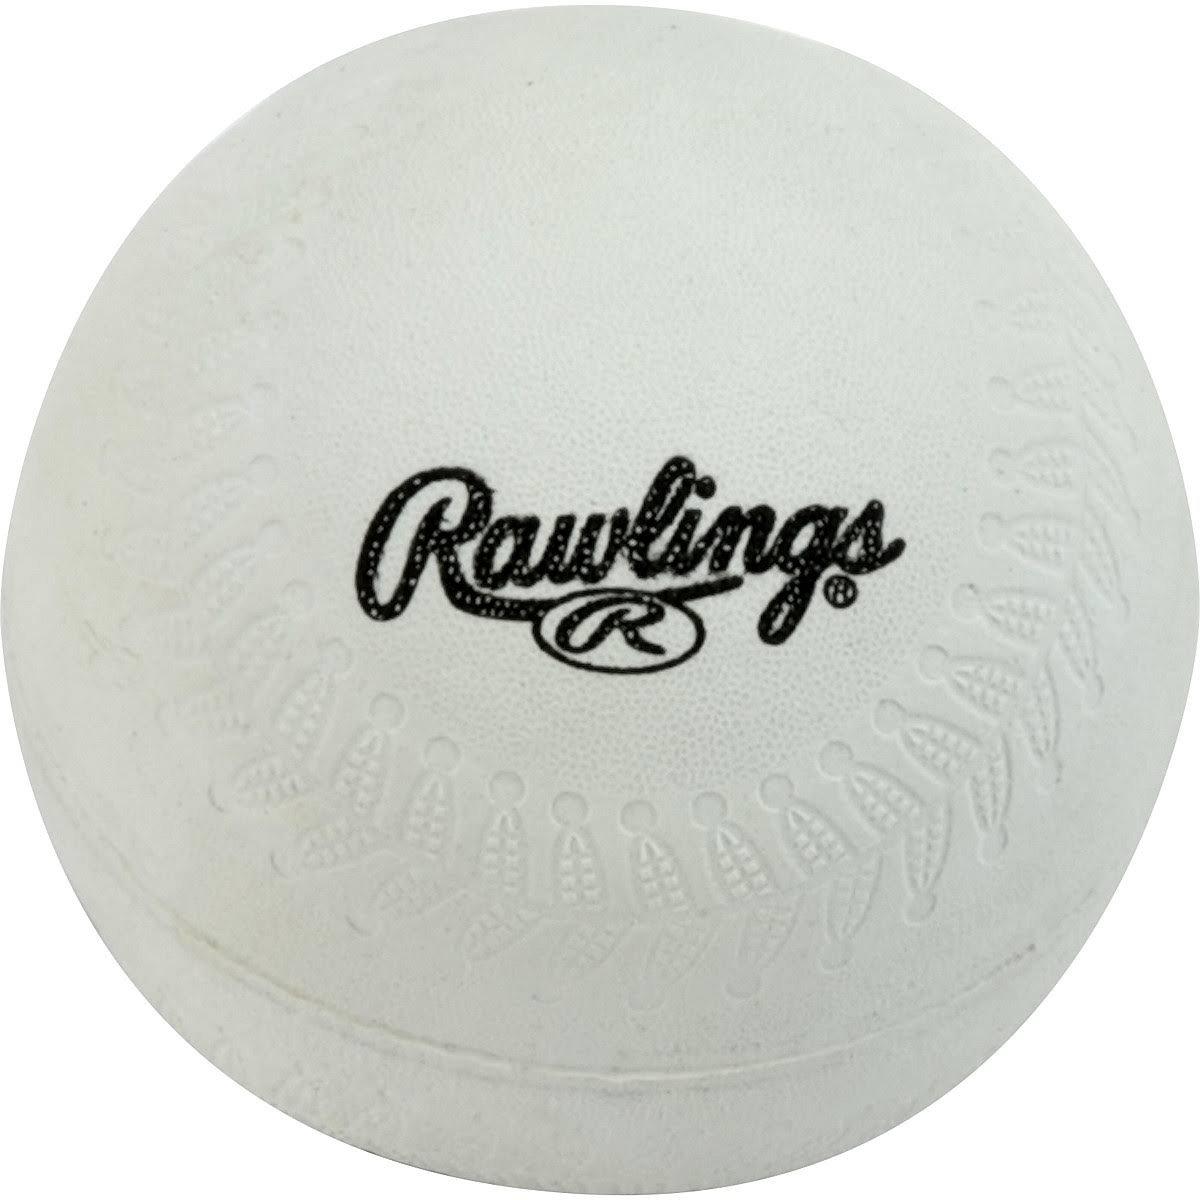 Cheap Rawlings Mini Baseballs, find Rawlings Mini Baseballs